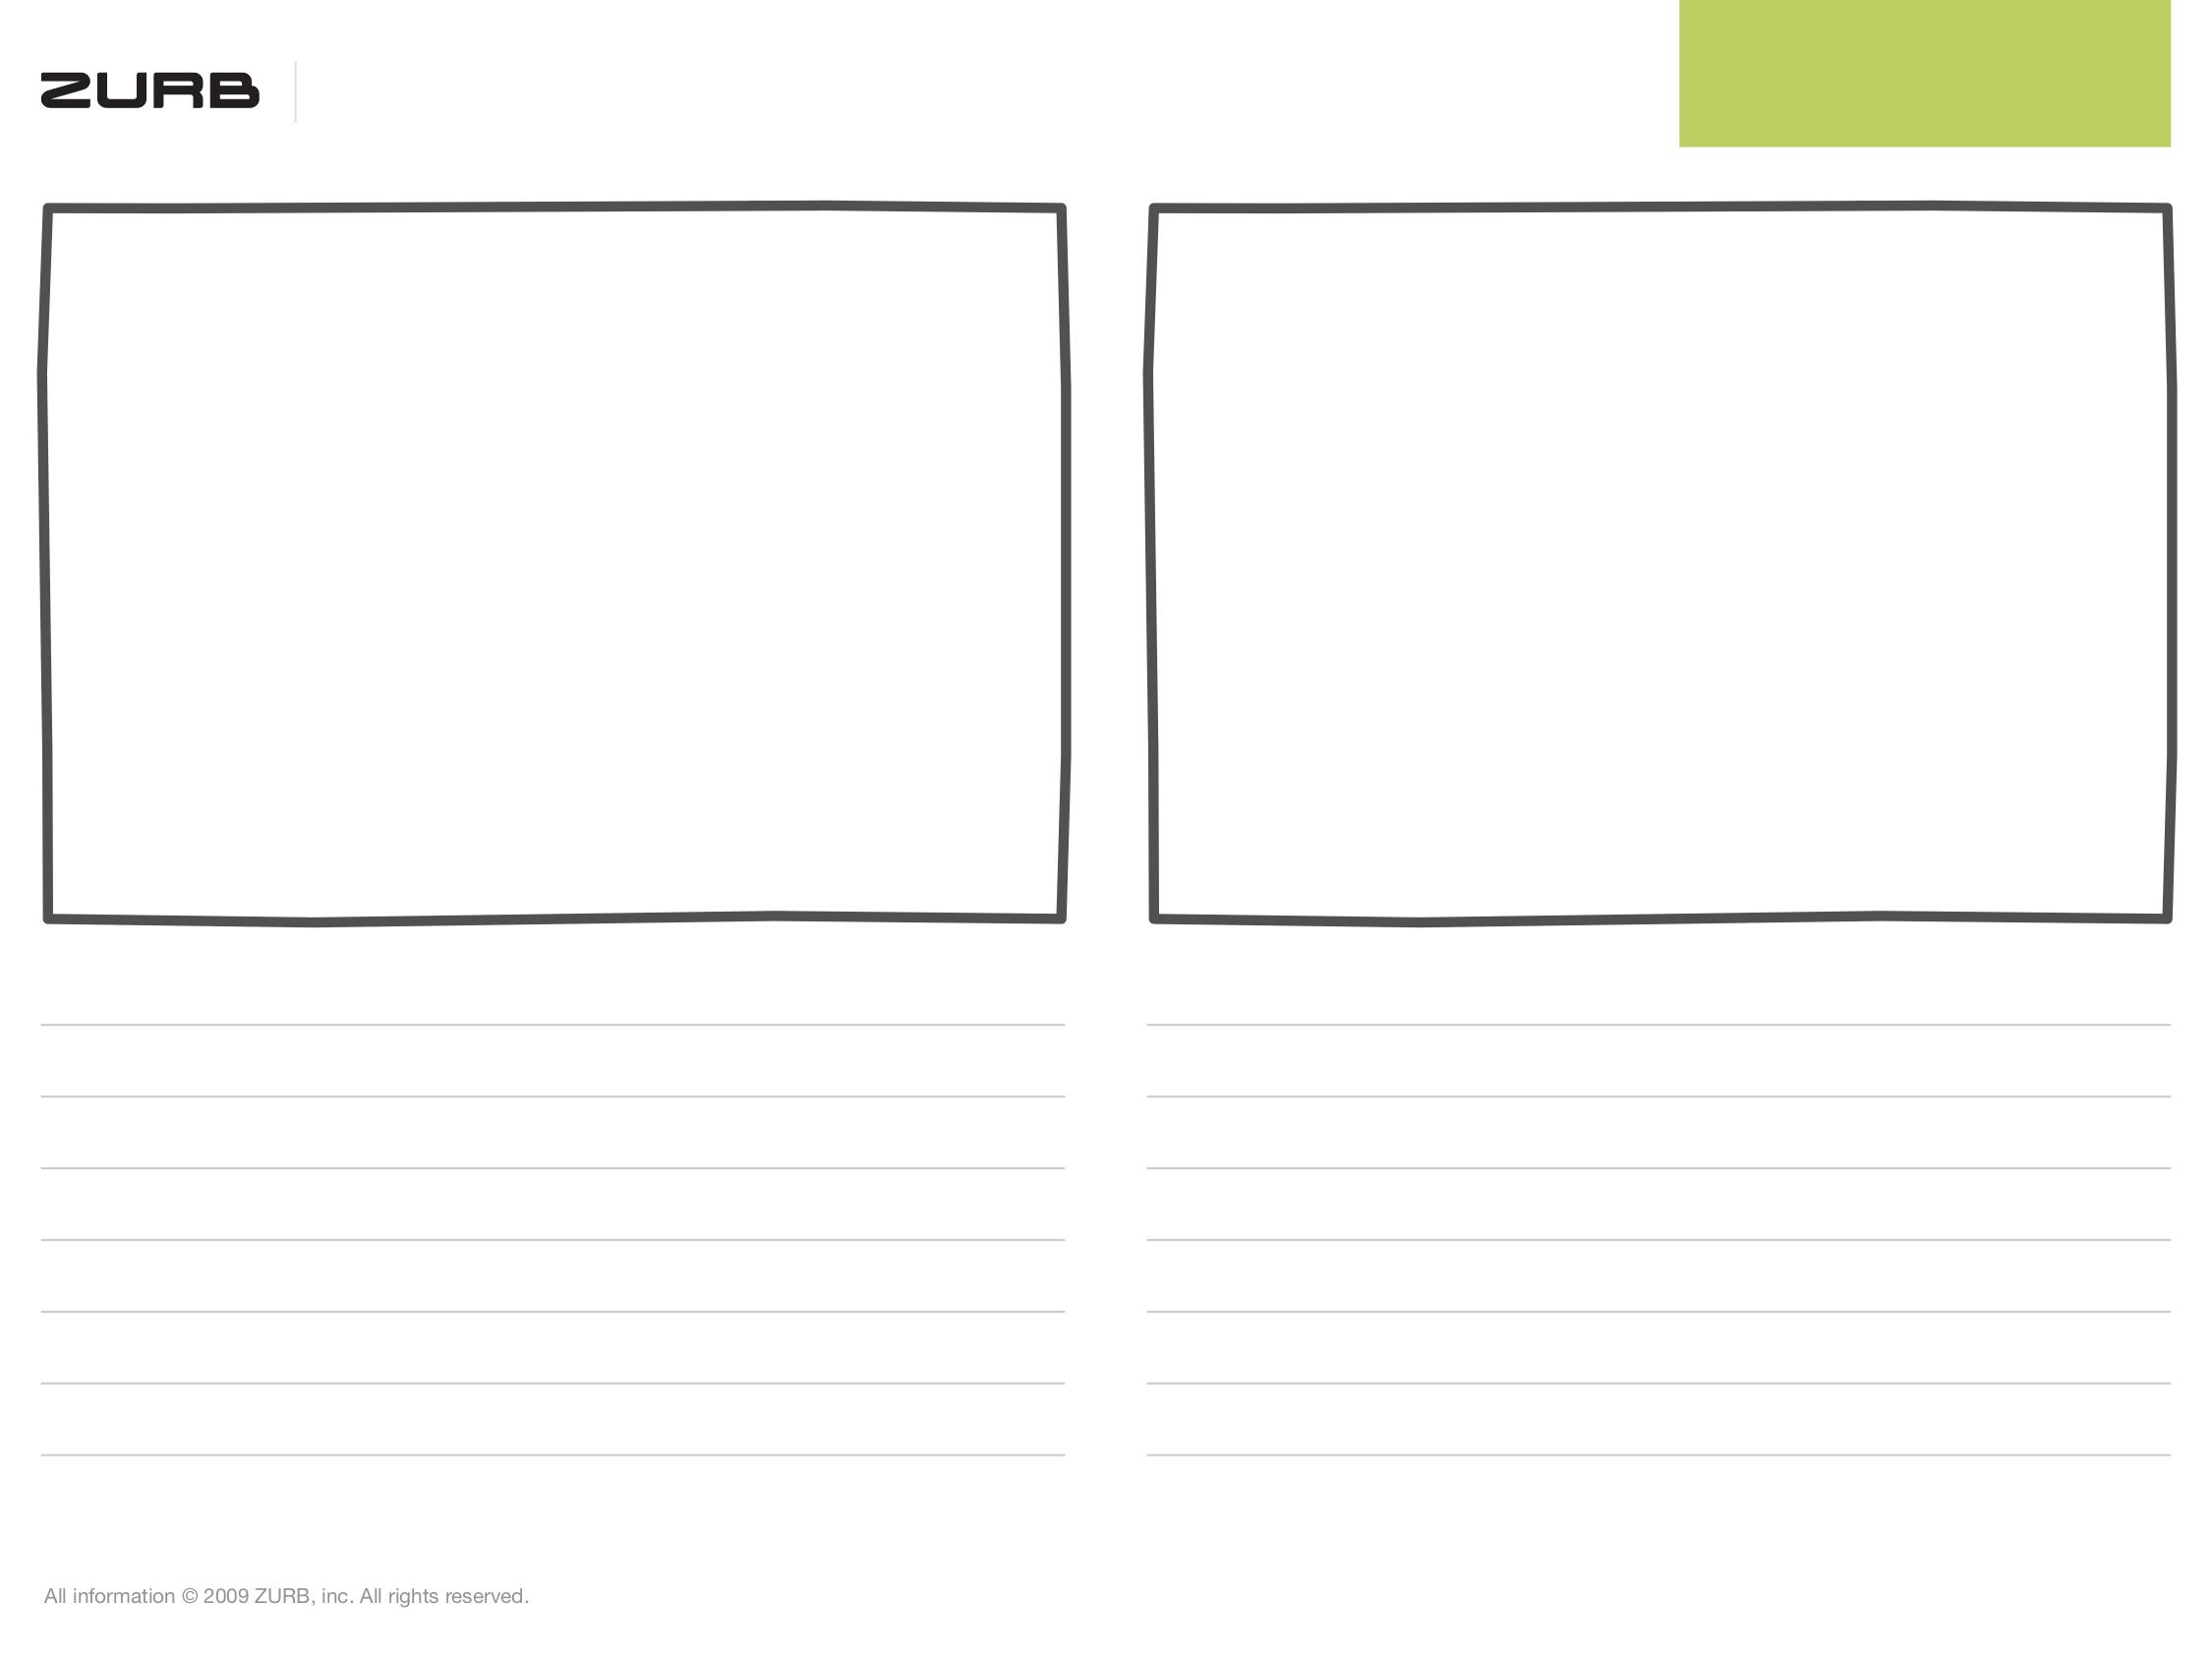 Dva rámce pro skicování v šablonách od ZURB